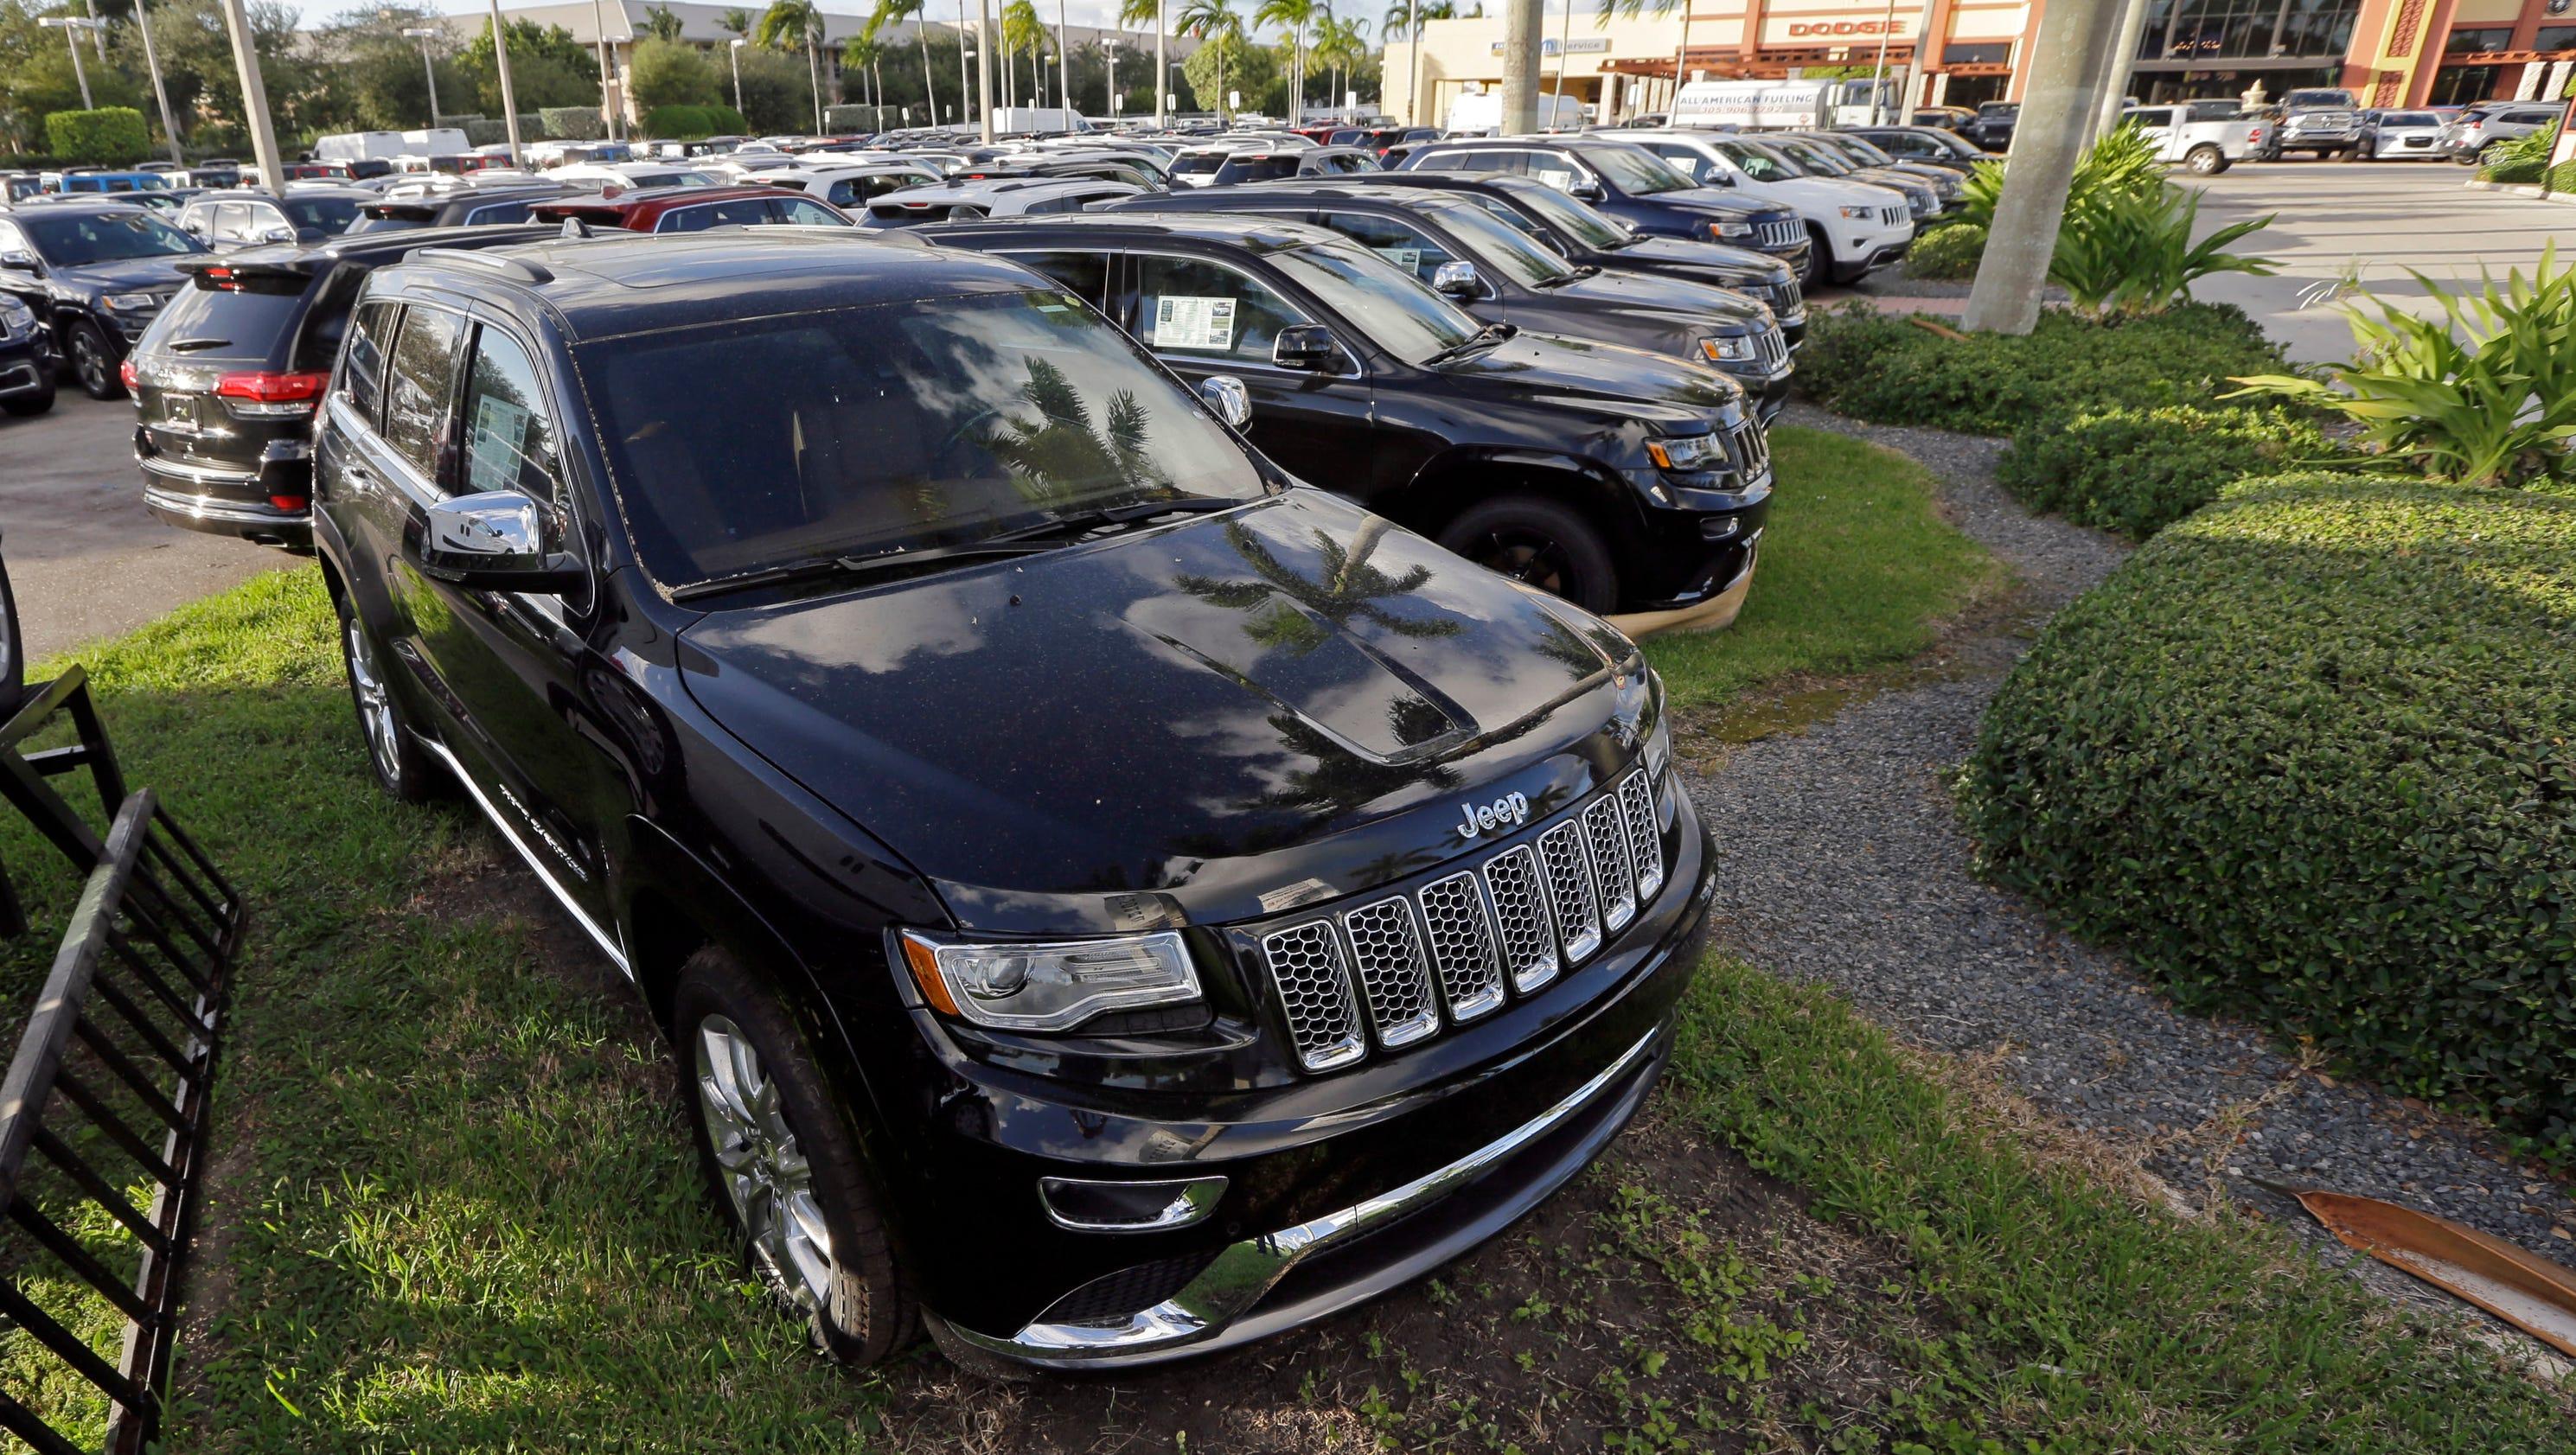 SUVs dominate auto show